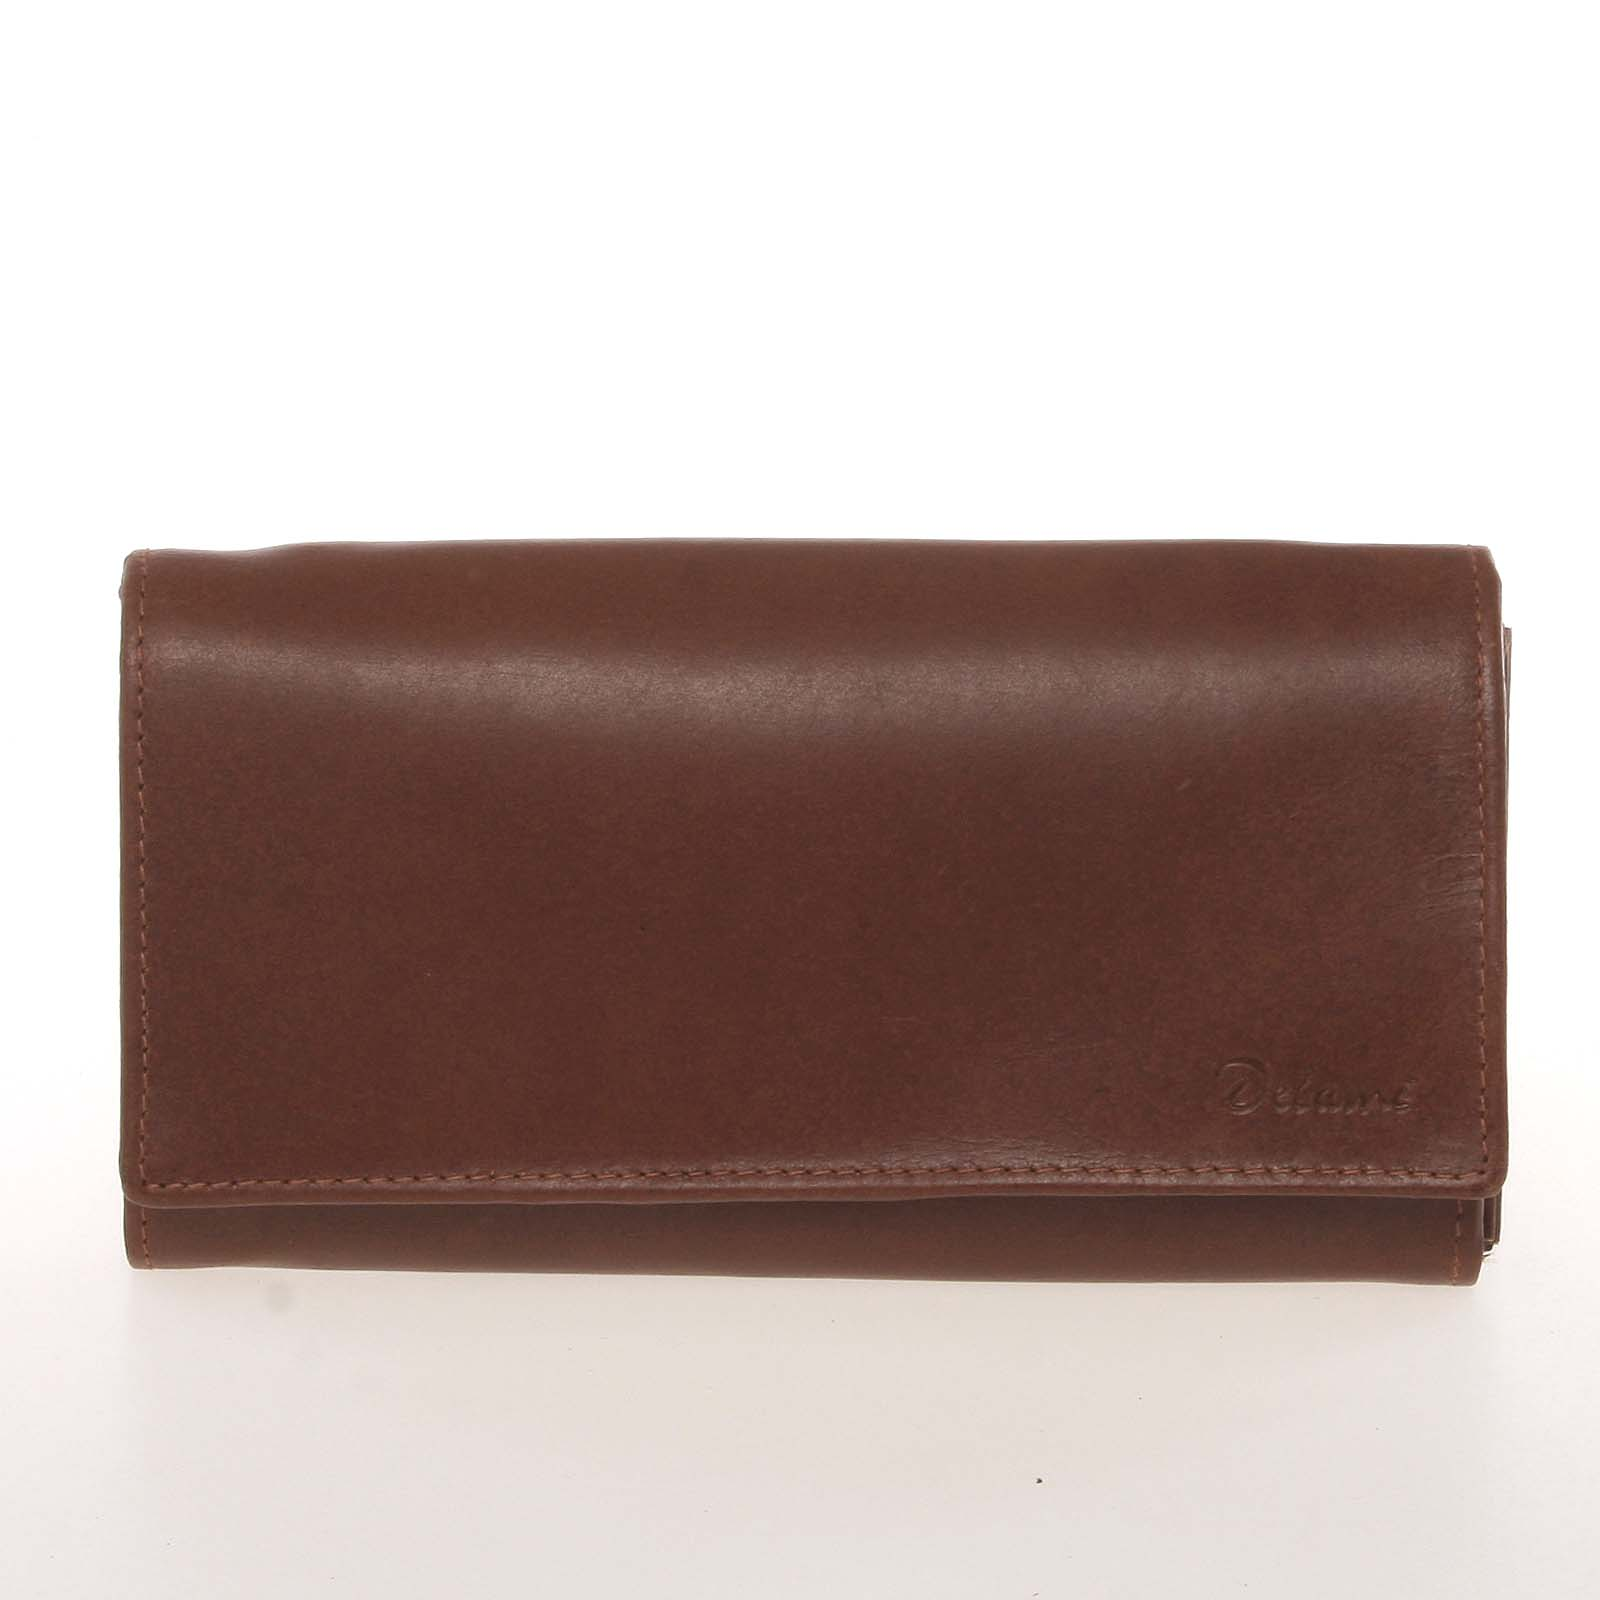 Dámska kožená hnedá peňaženka - Delami CHAGL04104